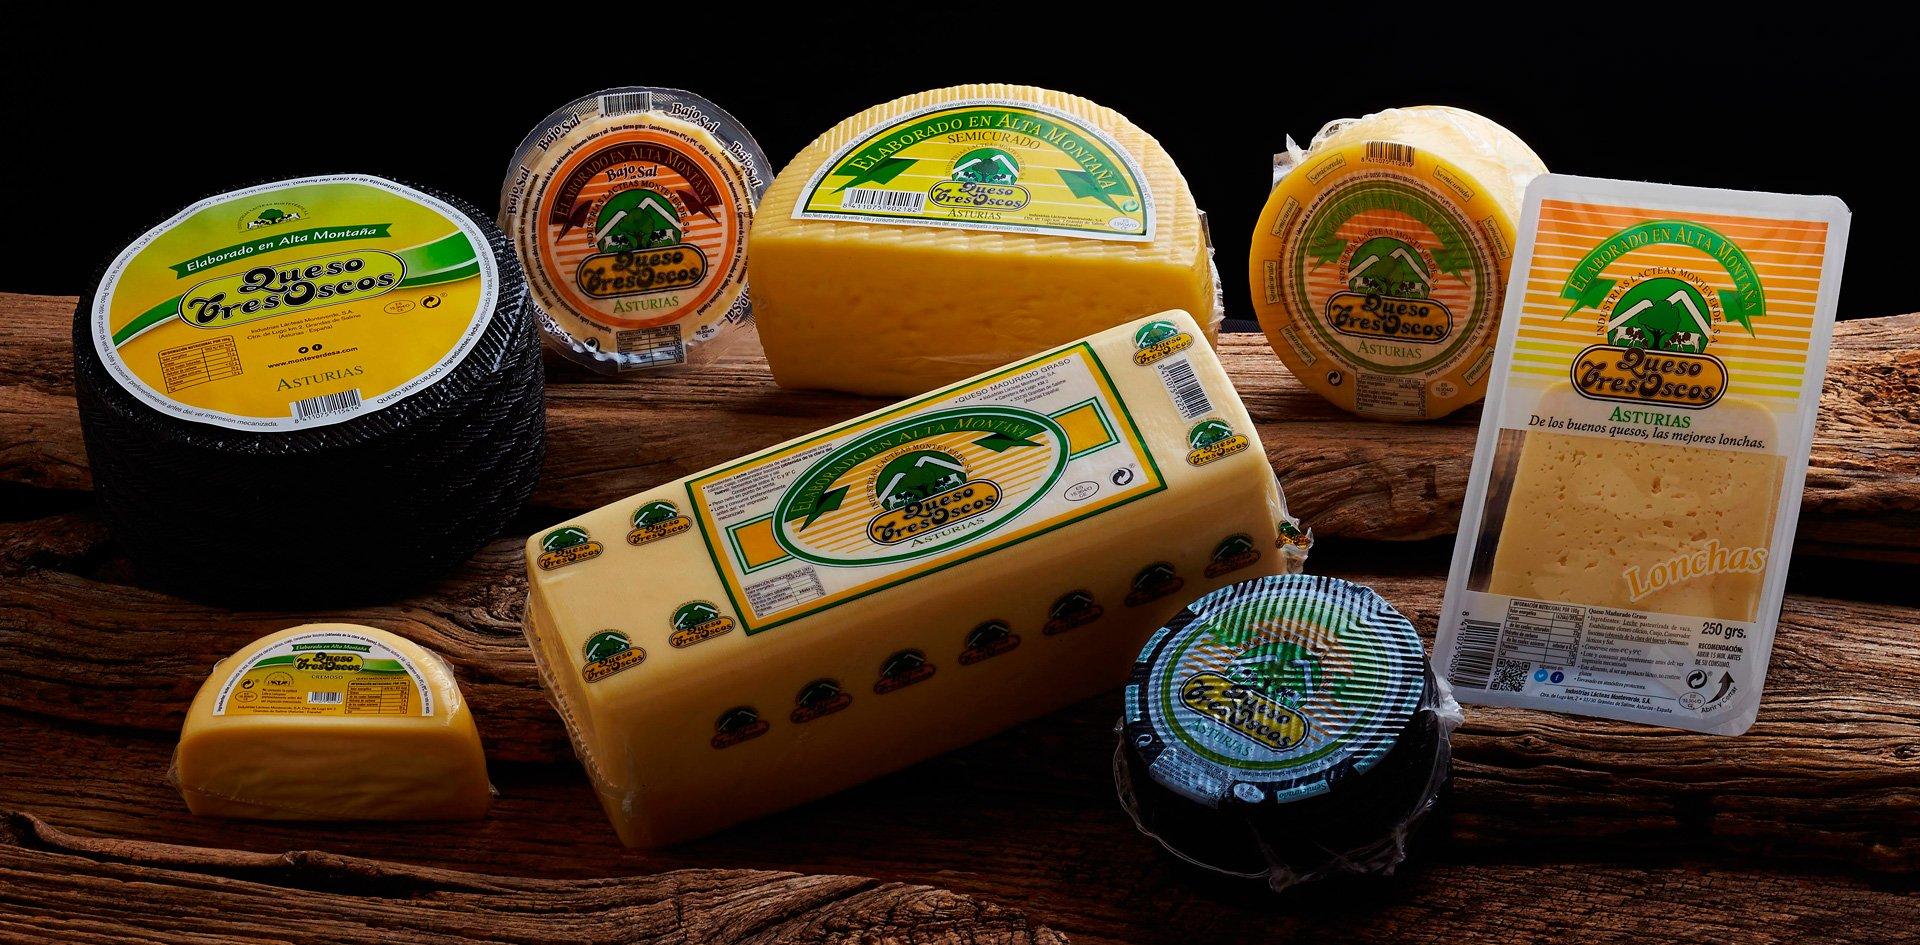 Productos Lácteas Monteverde - OSCOS